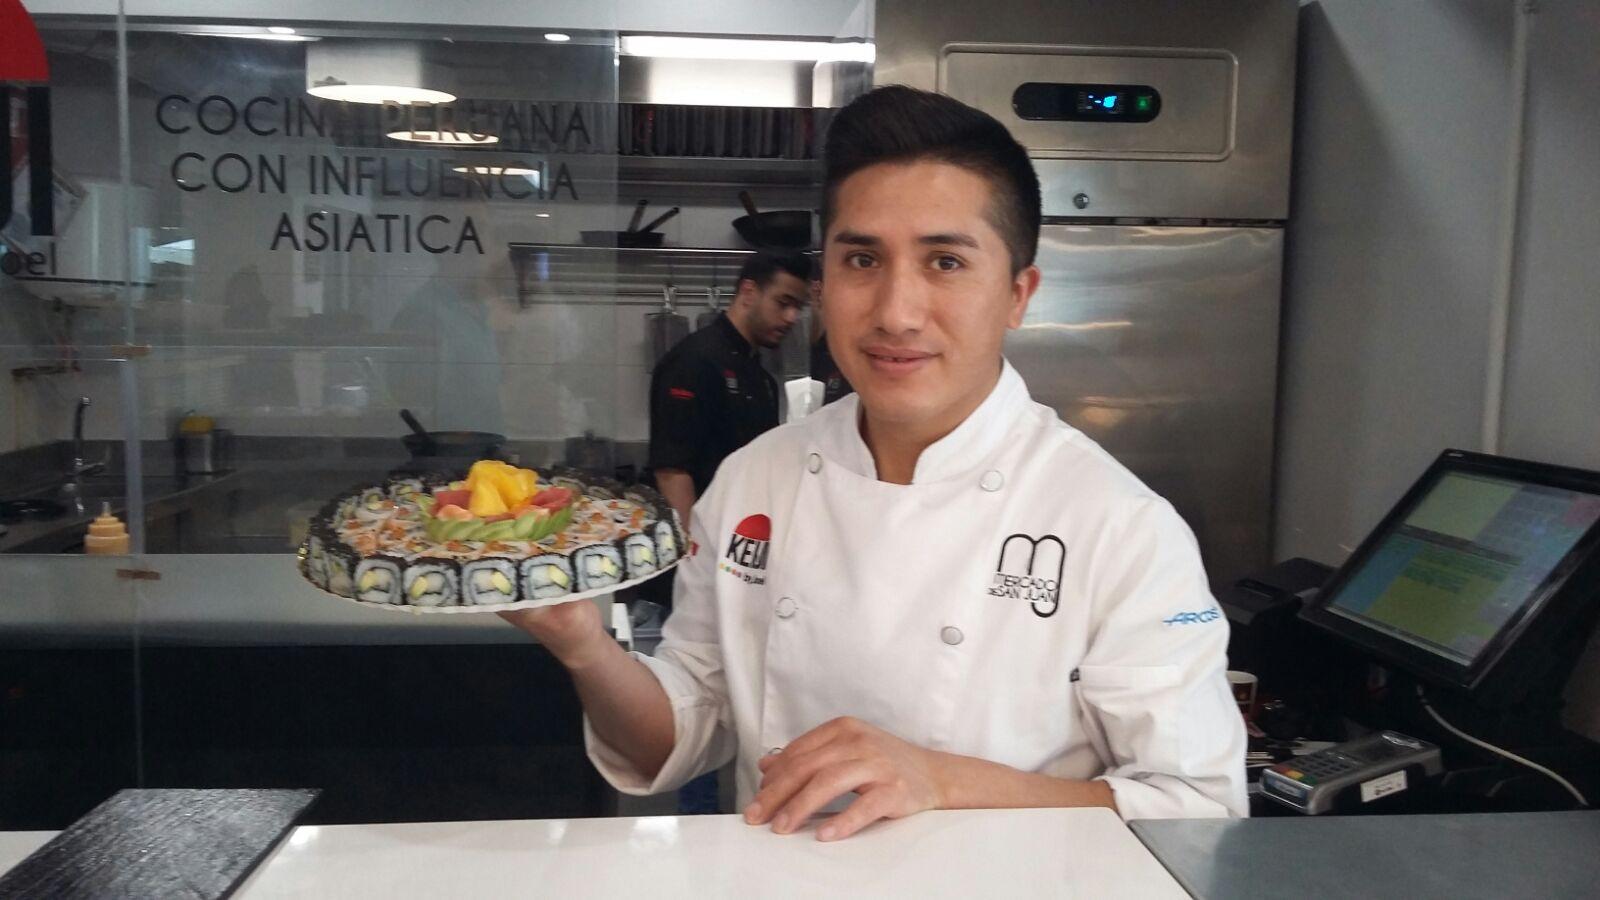 Keiji by Joel, un referente de la cocina peruana en España.